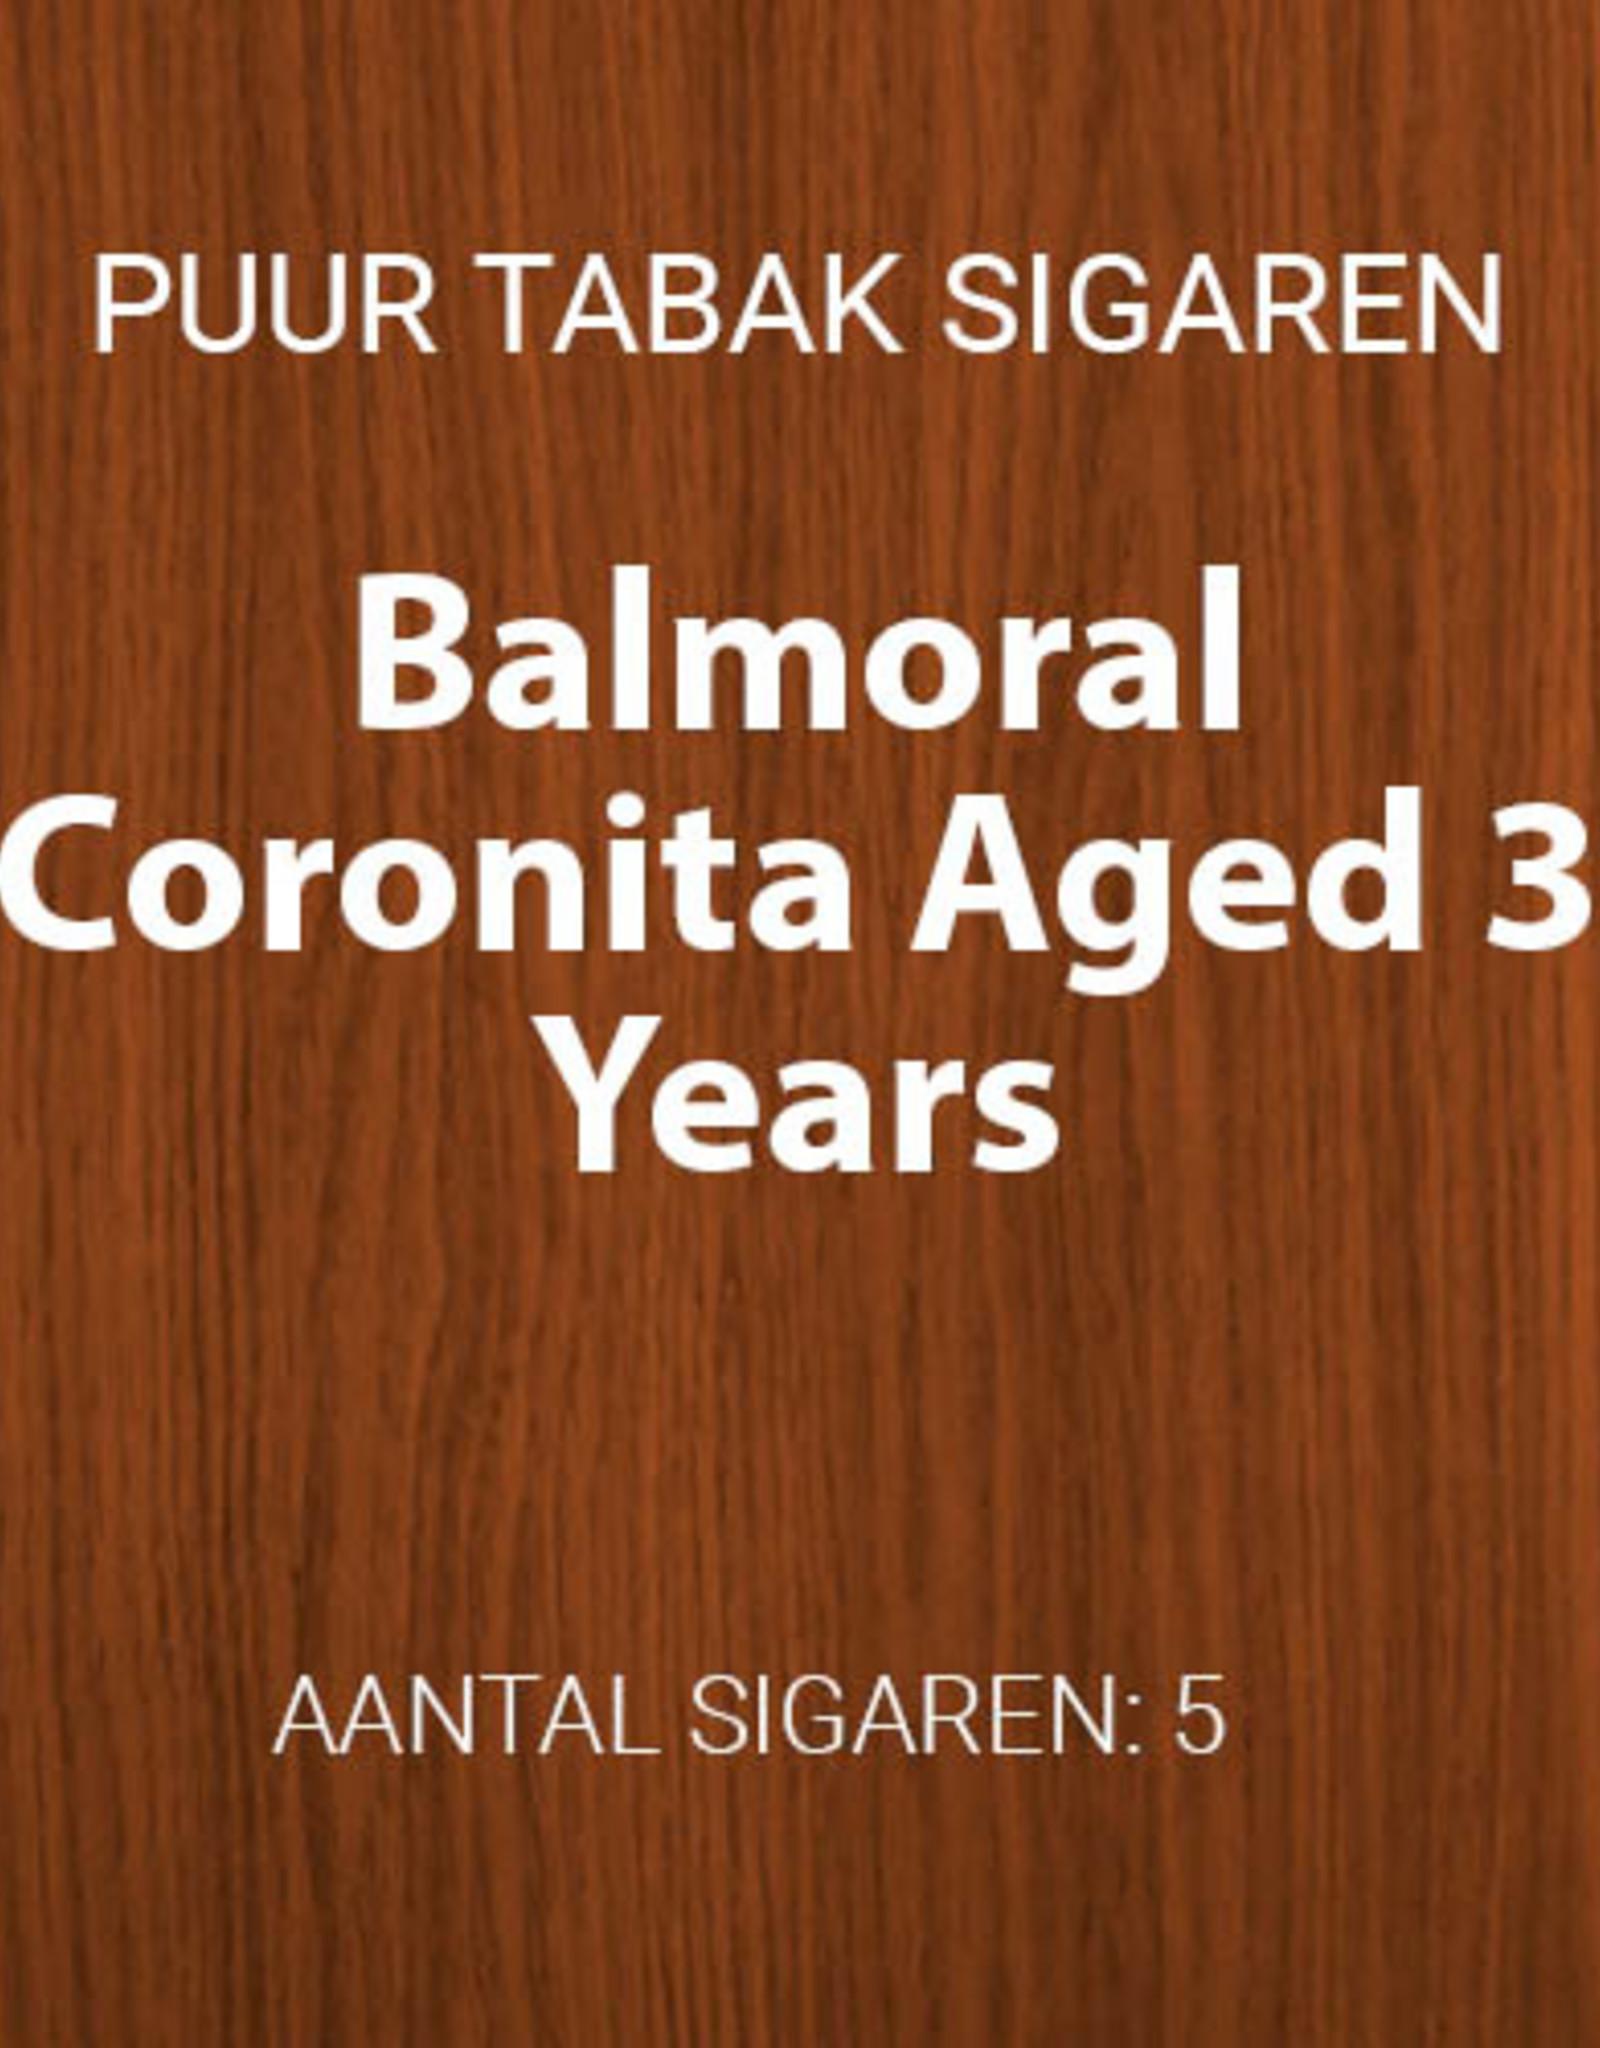 Balmoral Coronita Aged 3 Years